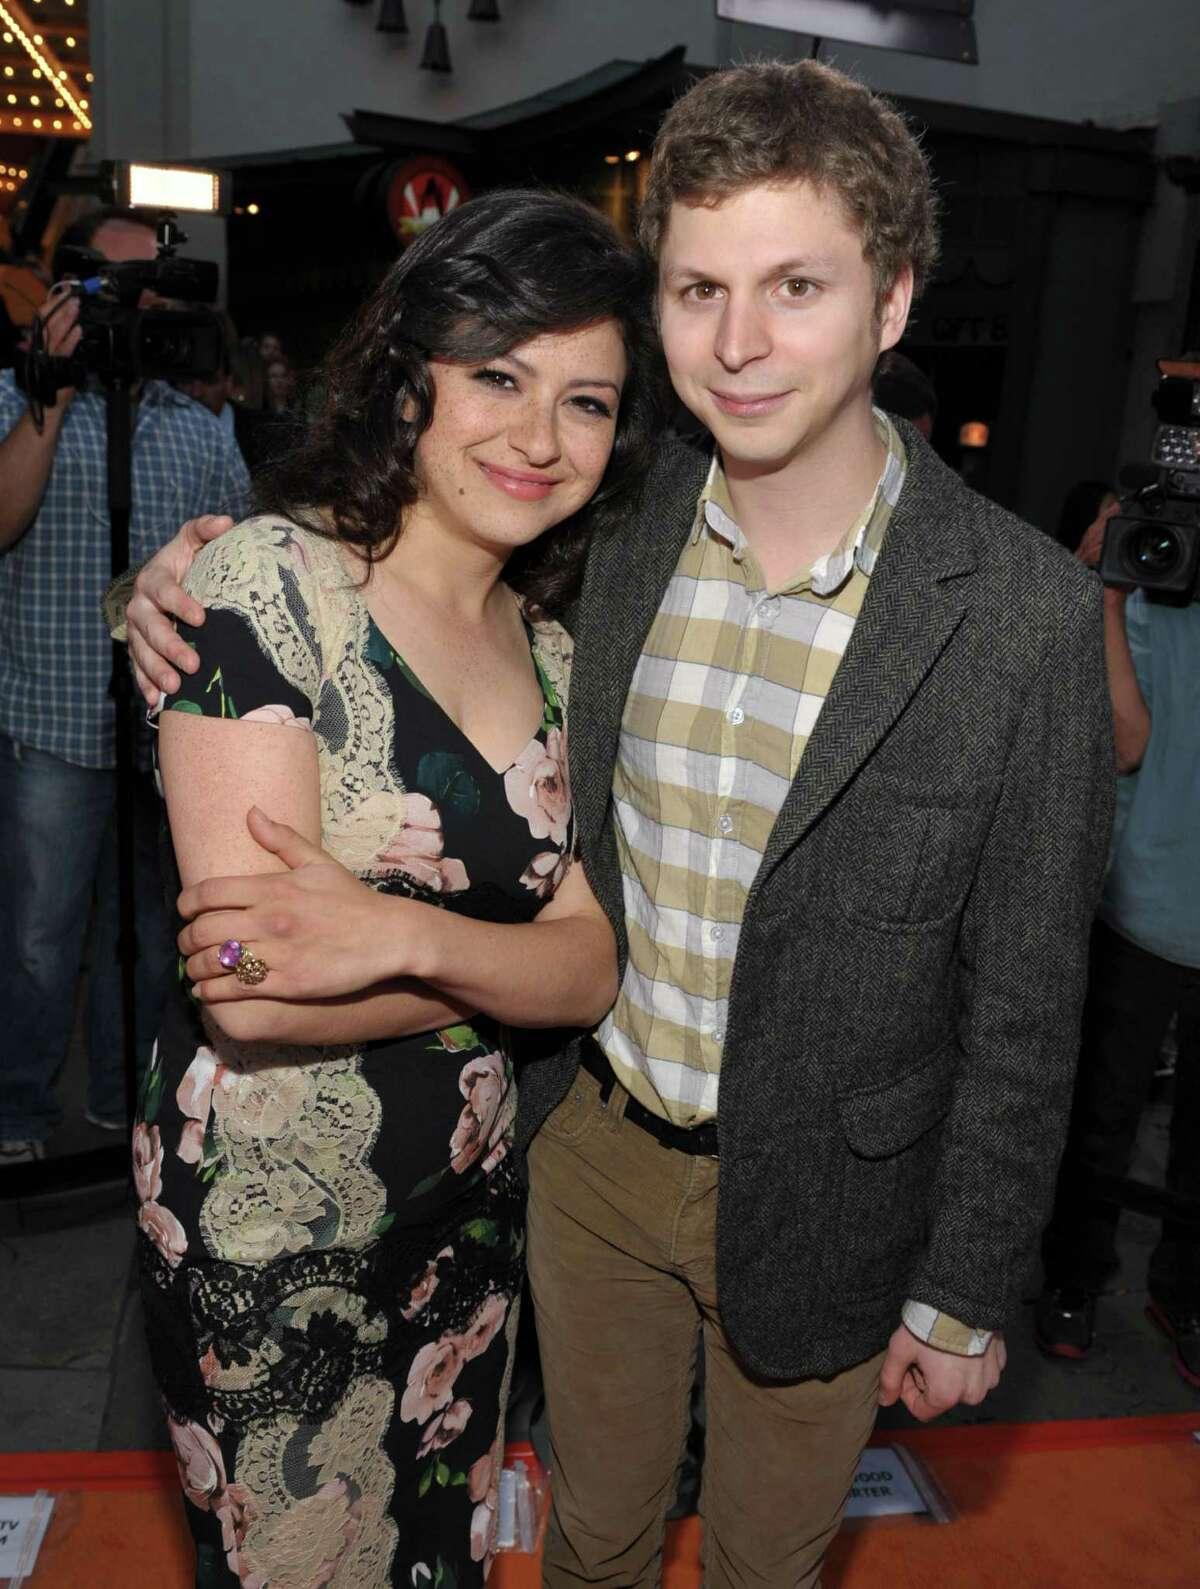 Alia Shawkat, left, and Michael Cera attend the season four premiere of